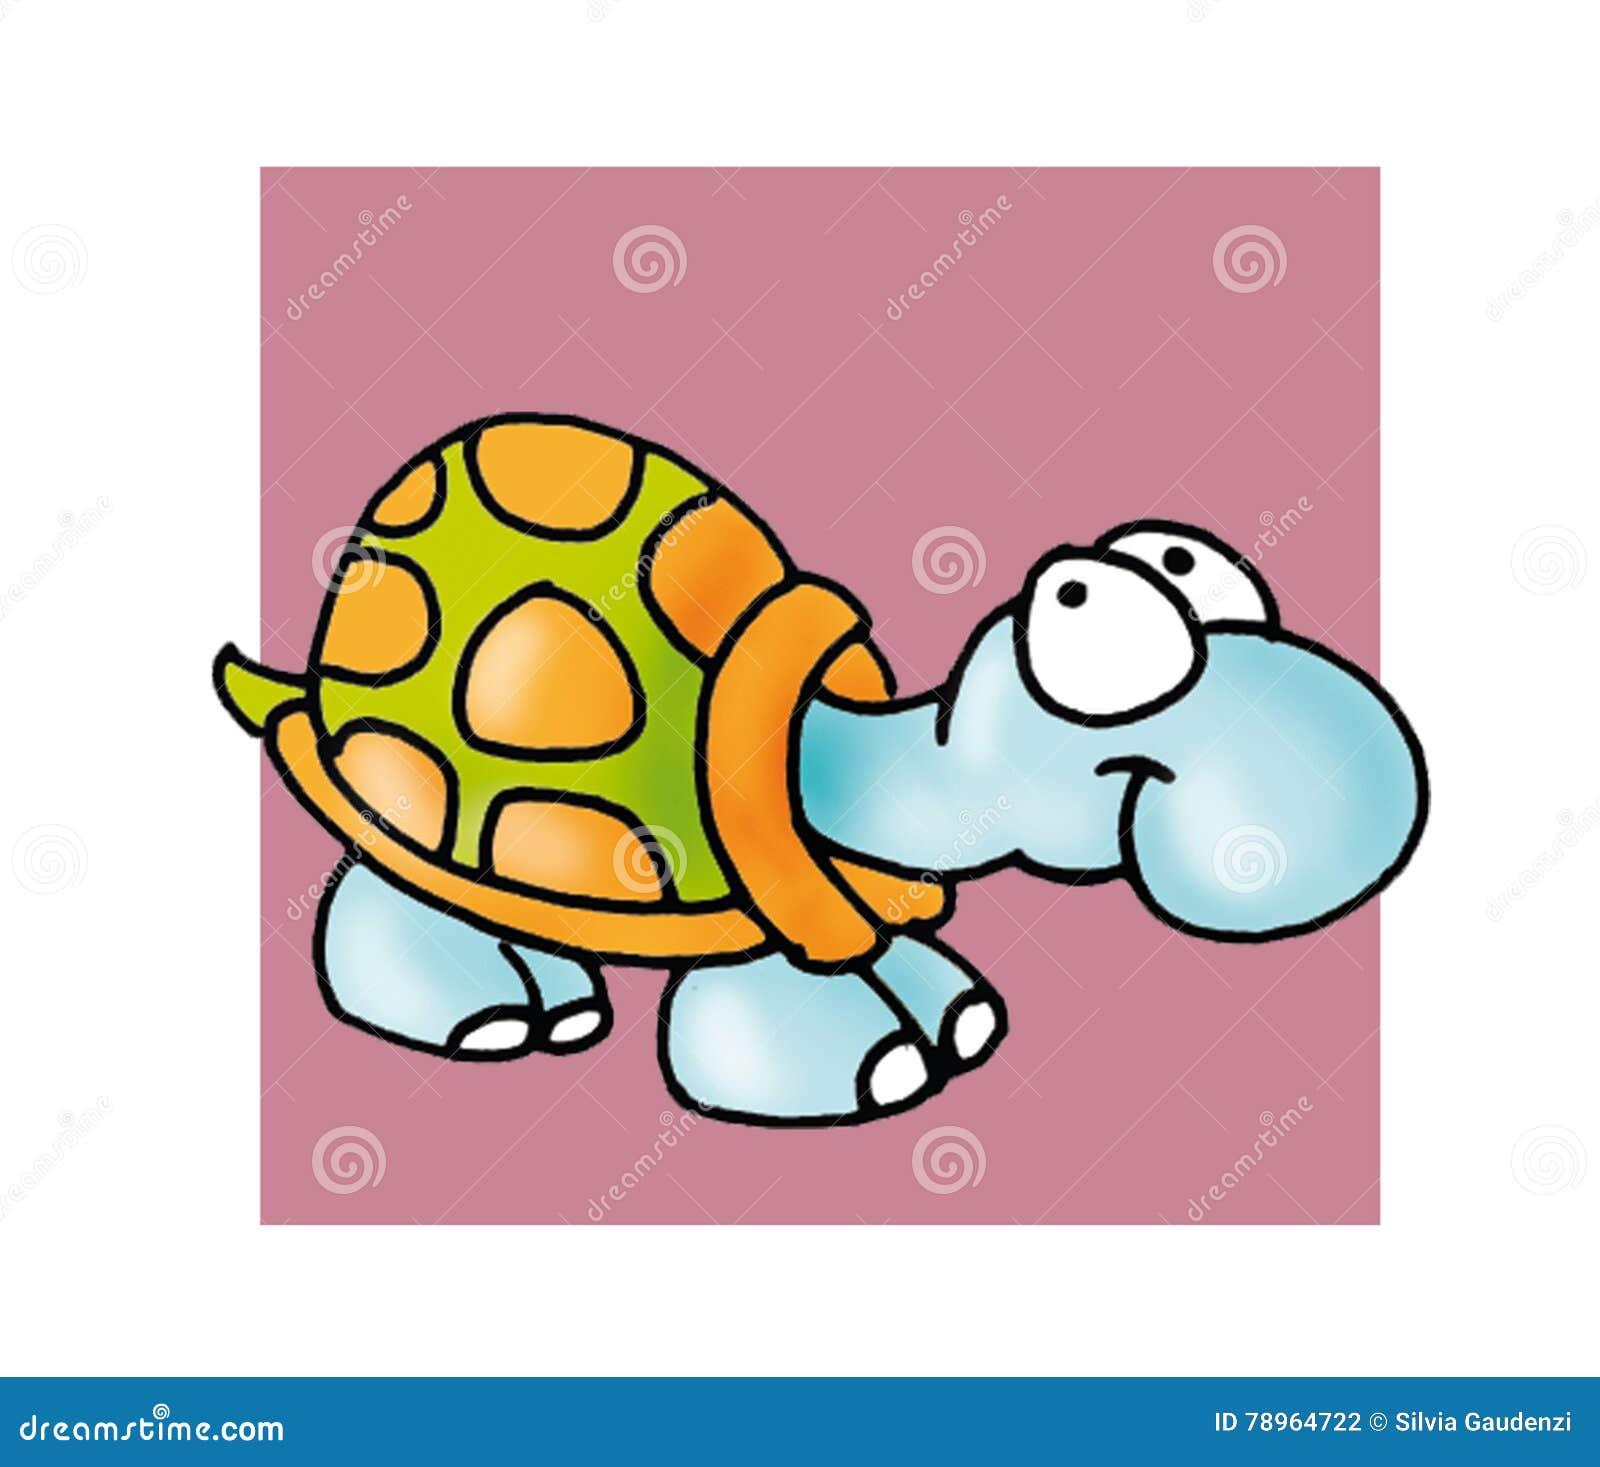 Ελάχιστα πέρα από το κουμπί ή το εικονίδιο ευθυμογράφων έγχρωμης εικονογράφησης χελωνών